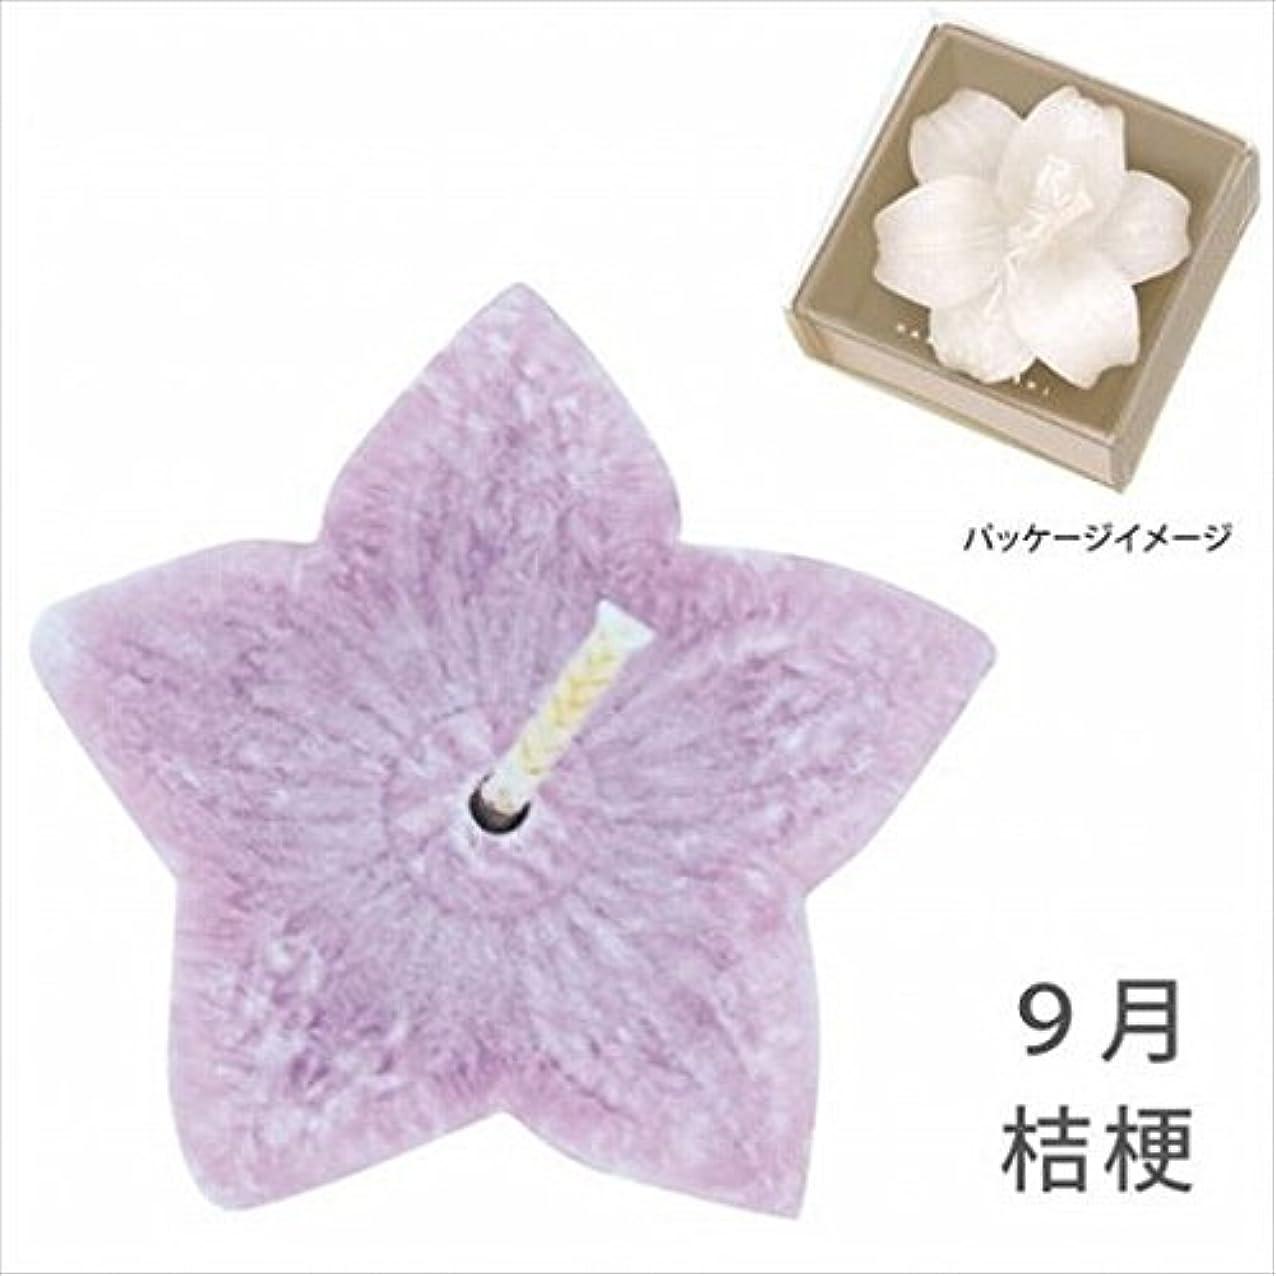 プレミアム無視ポジションkameyama candle(カメヤマキャンドル) 花づくし(植物性) 桔梗 「 桔梗(9月) 」 キャンドル(A4620510)